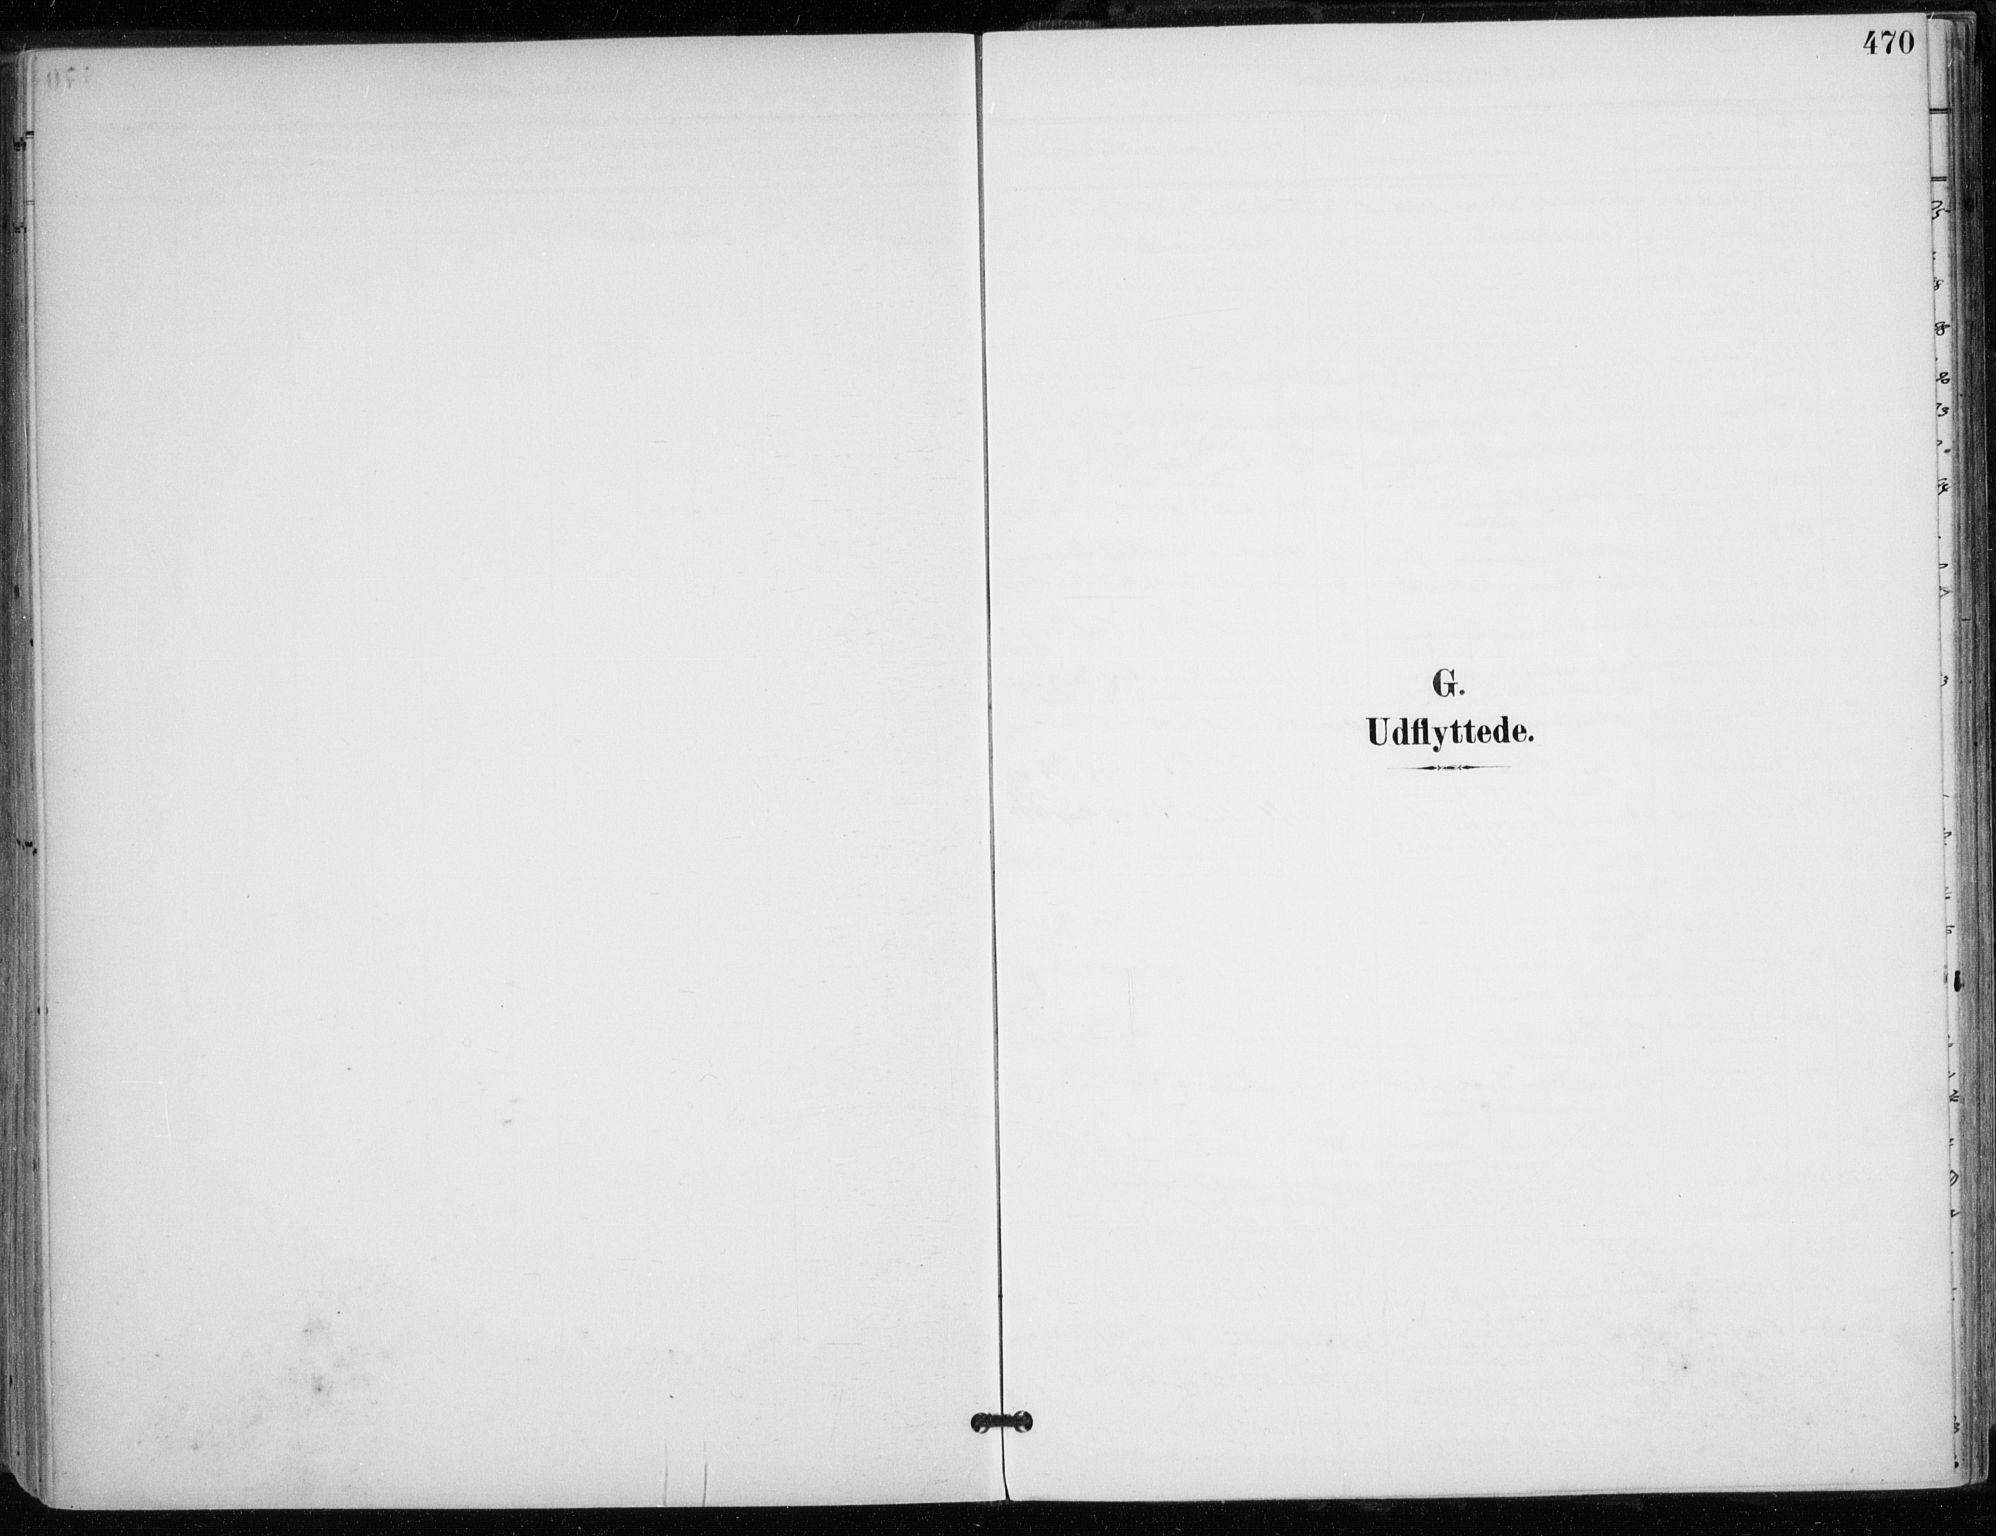 SATØ, Trondenes sokneprestkontor, H/Ha/L0017kirke: Ministerialbok nr. 17, 1899-1908, s. 470